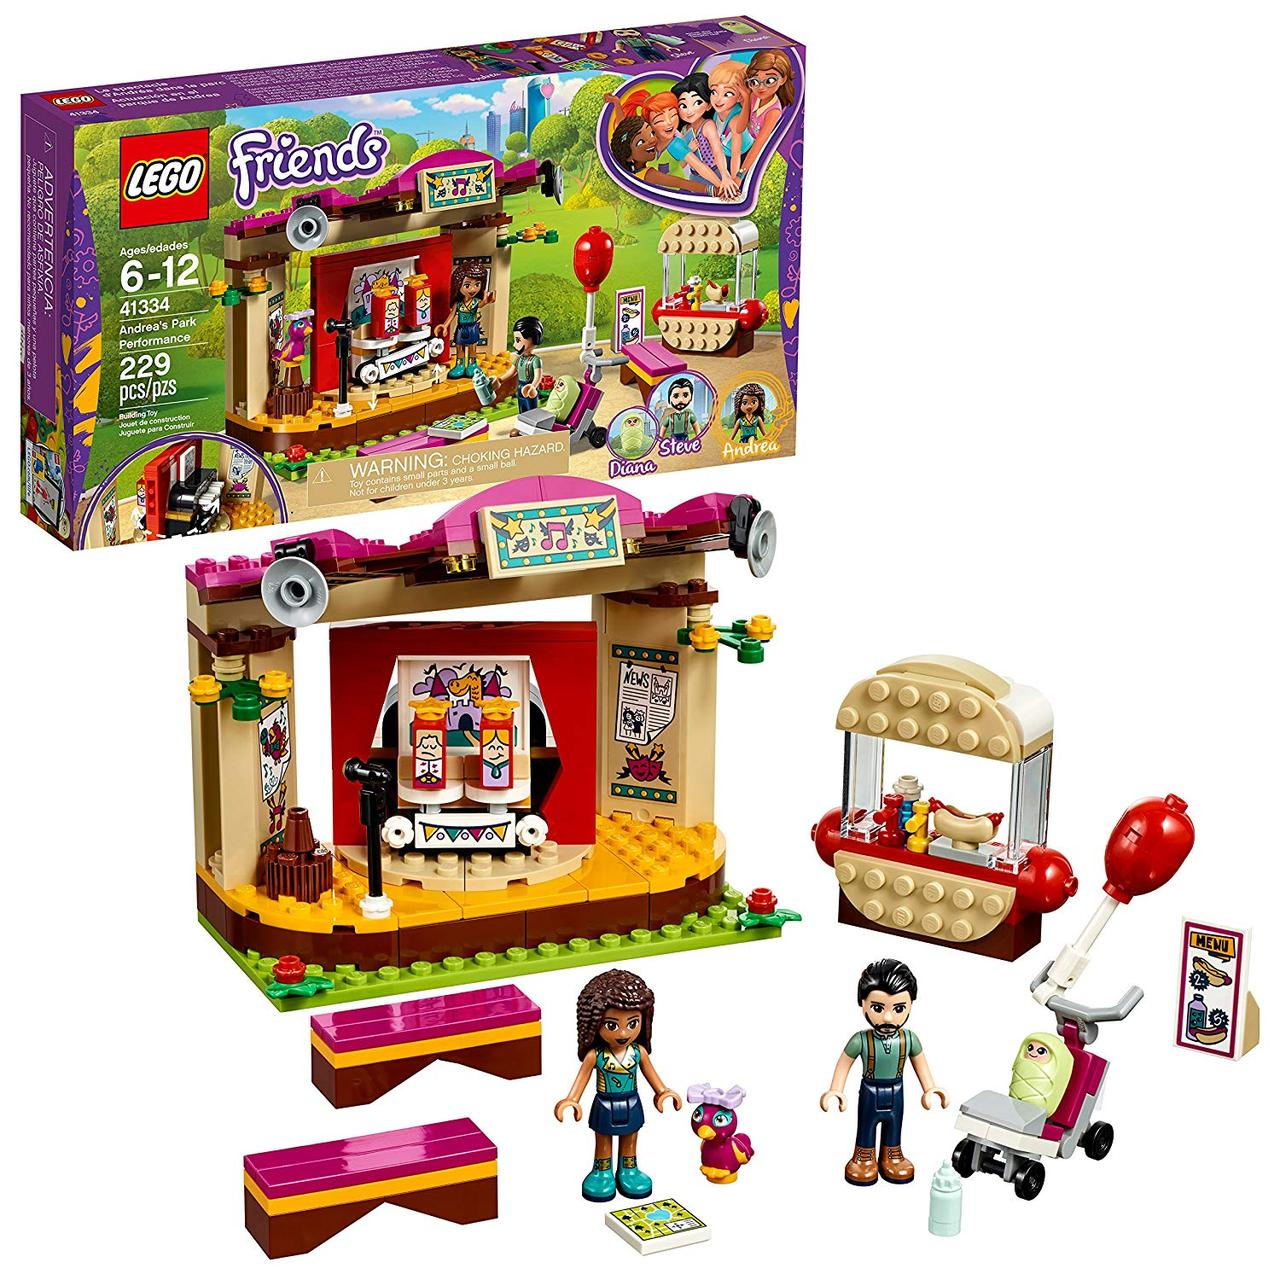 Lego Friends 41334 Виступ в парку Андреа (Конструктор Лего Френдс Выступление в парке Андреа)